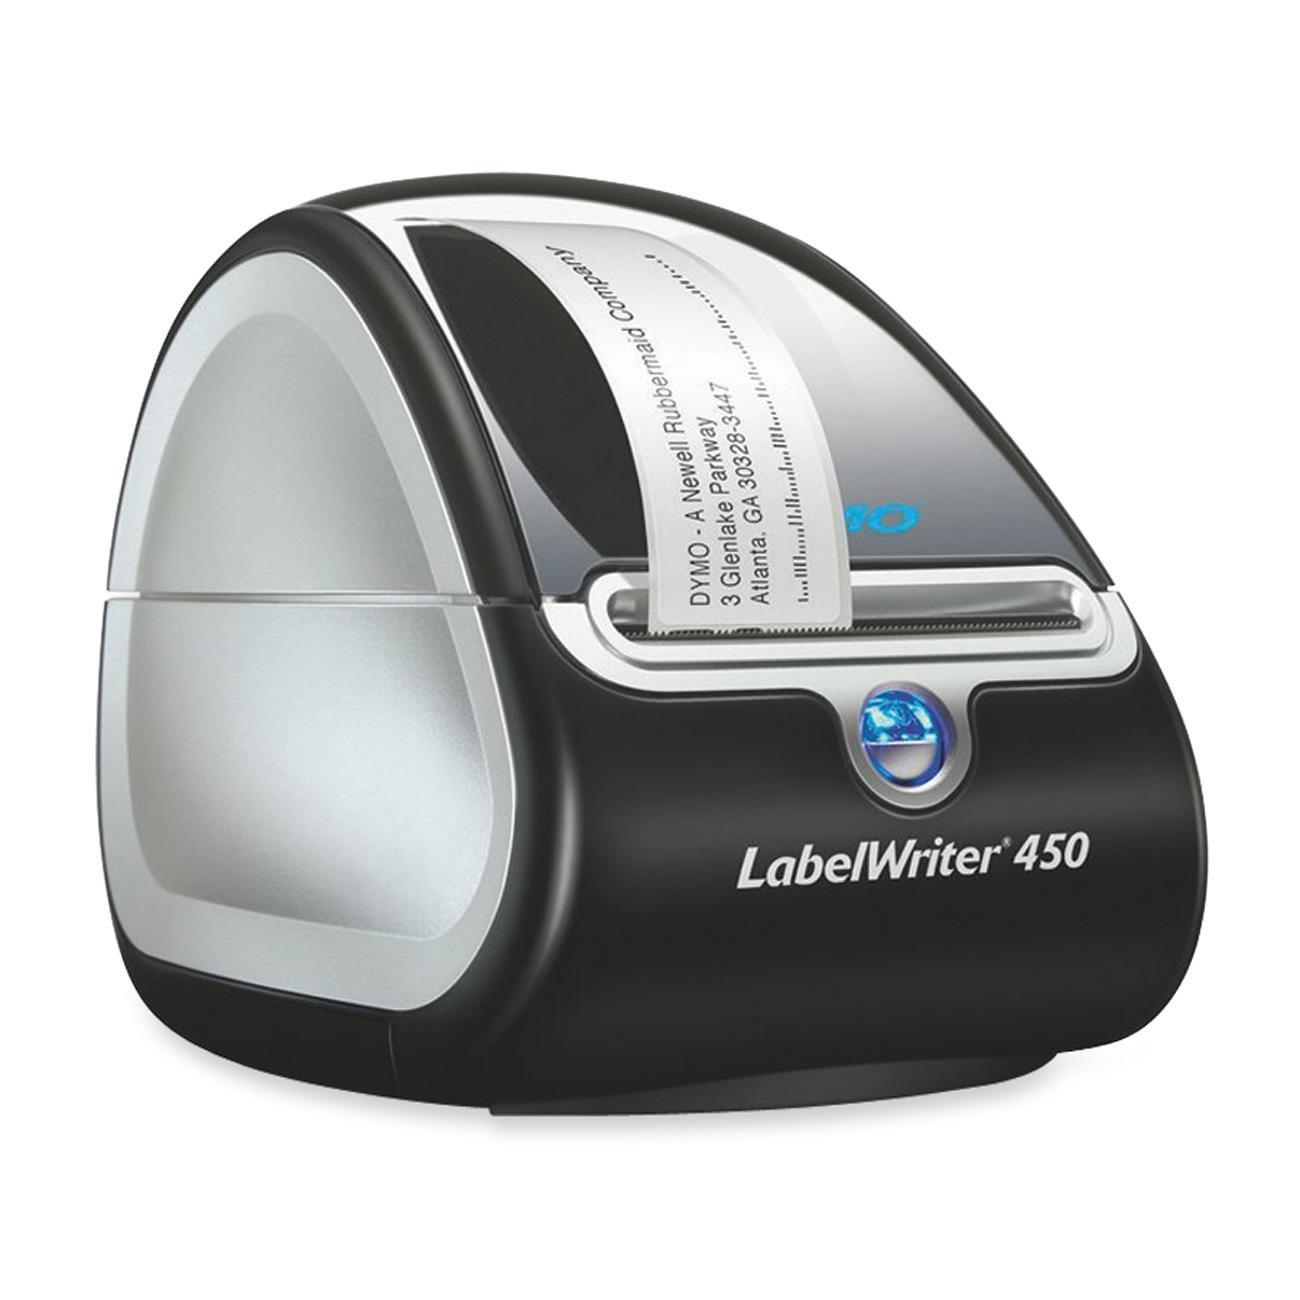 CD Termica diretta 600 x 300 DPI DYMO LabelWriter 450 stampante per etichette